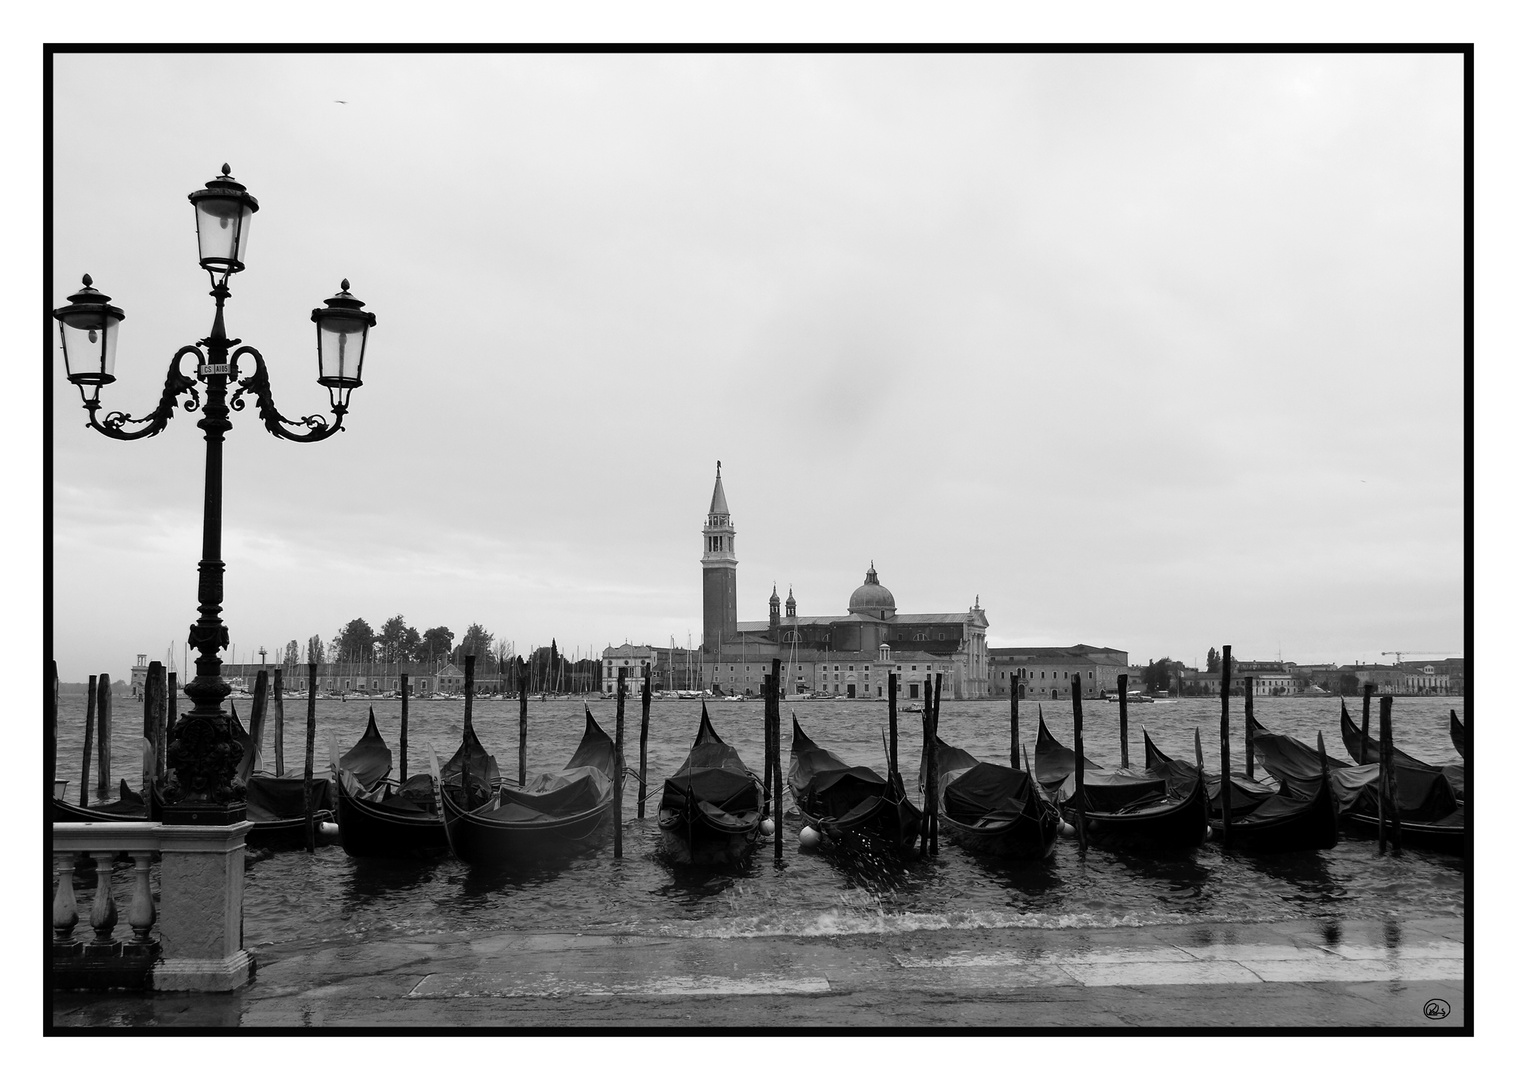 Venedig im November 2010